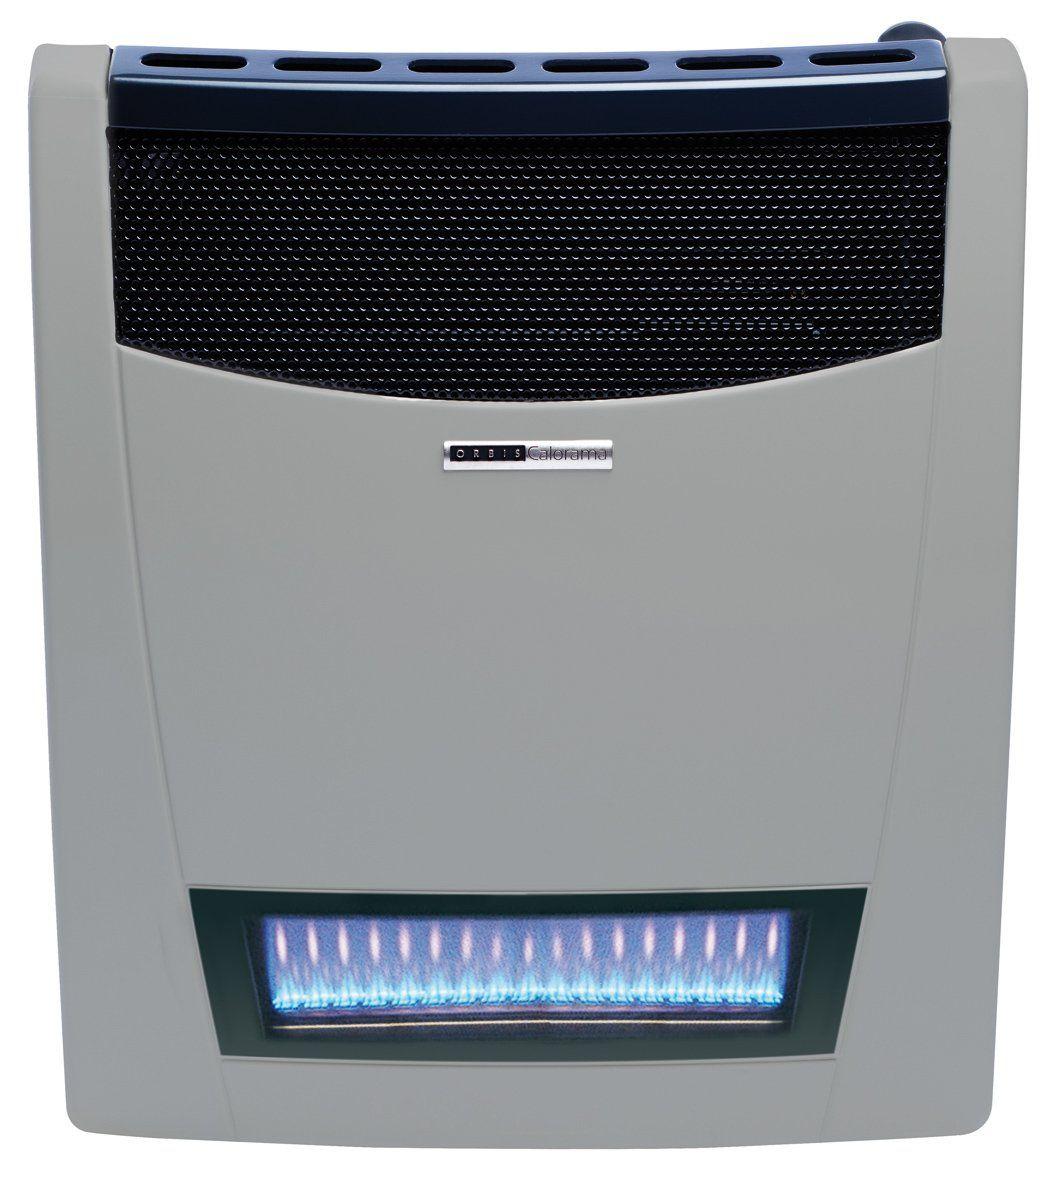 Aquecedor de ambiente a gás 3,8 kw calorama - Orbis